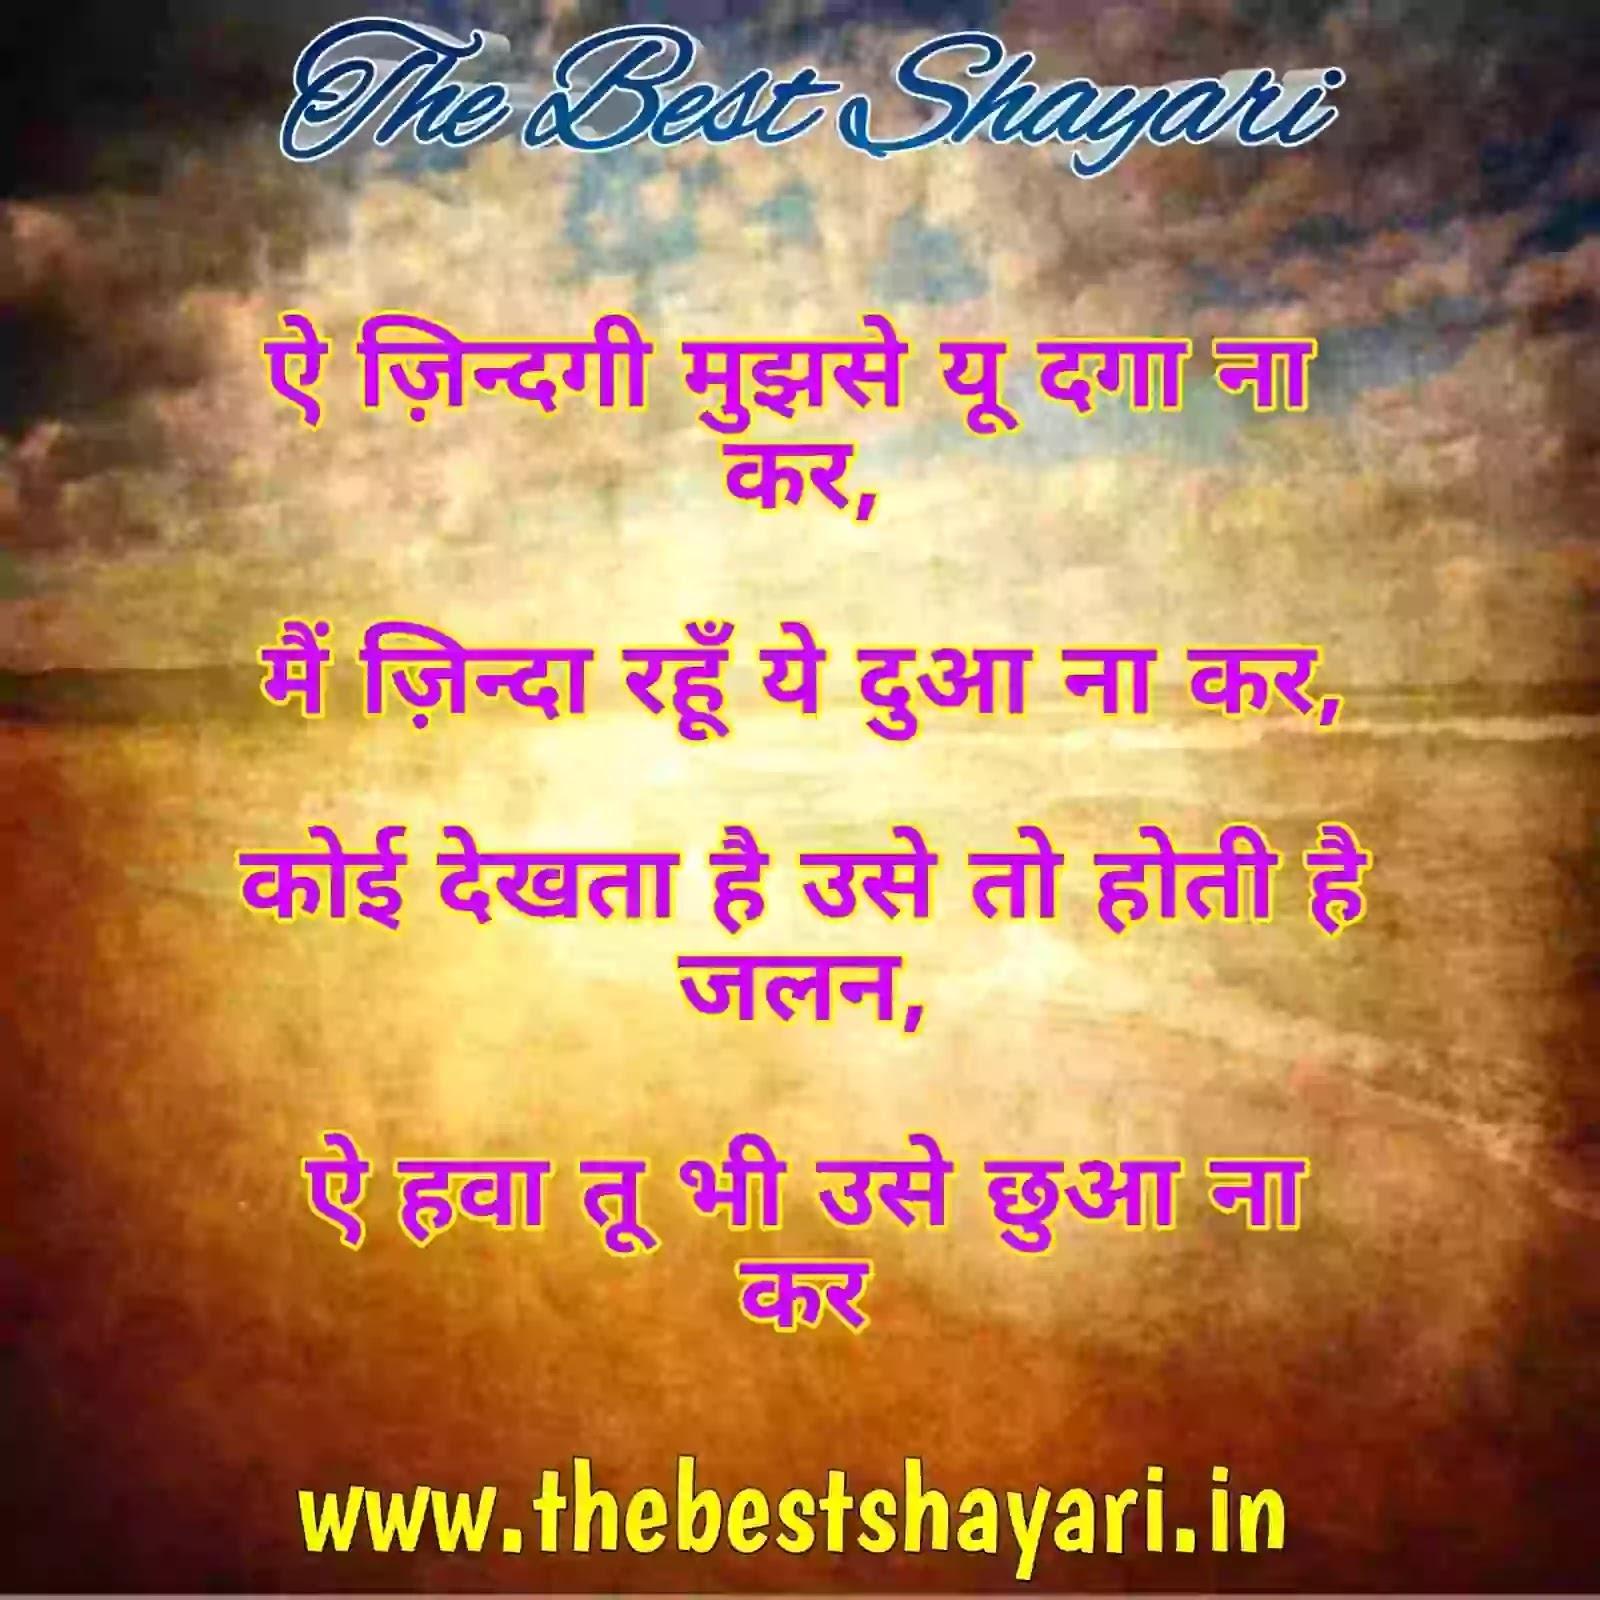 Love shayari best in Hindi